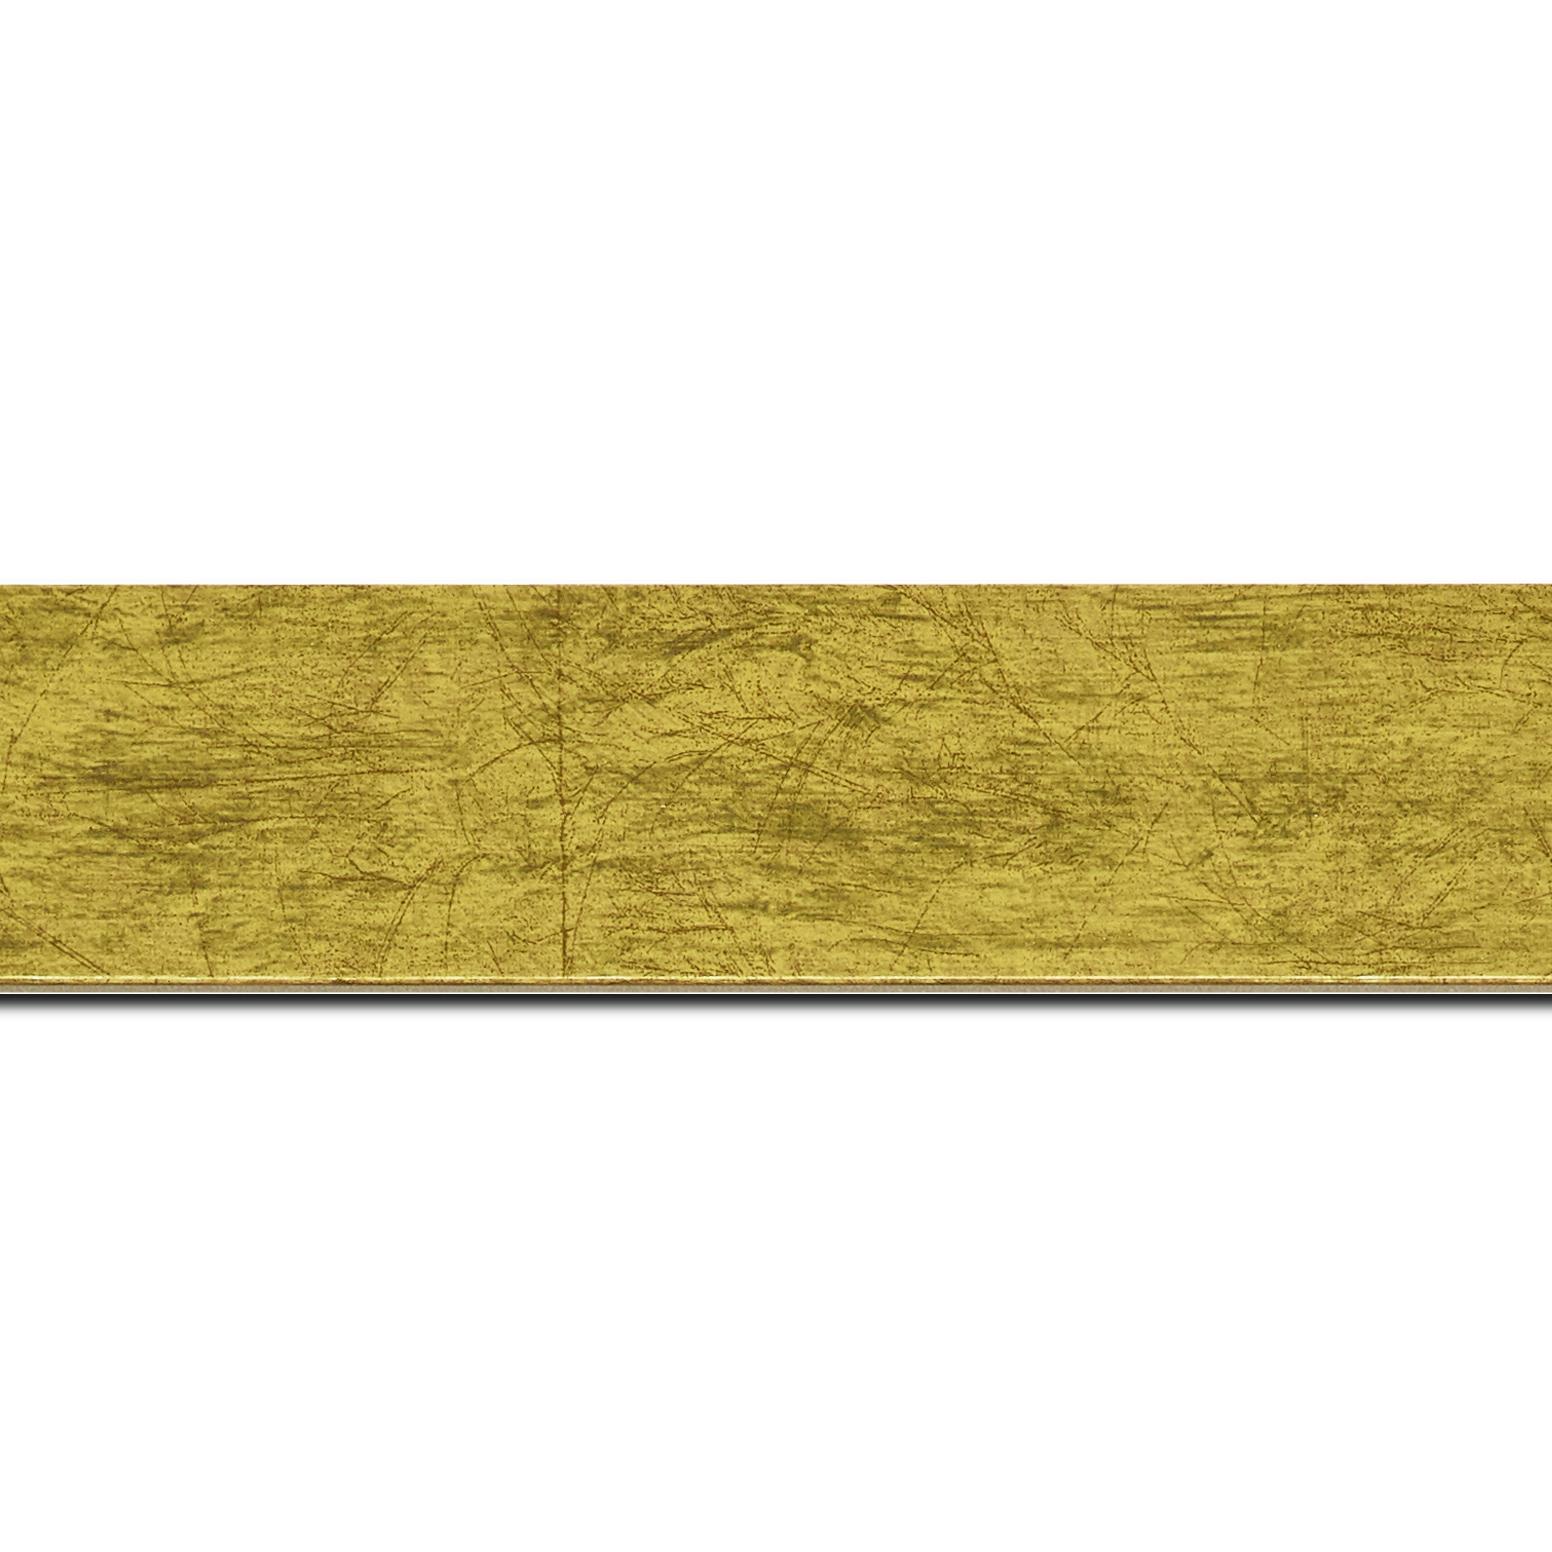 Baguette longueur 1.40m bois profil plat largeur 4cm or effet marbré